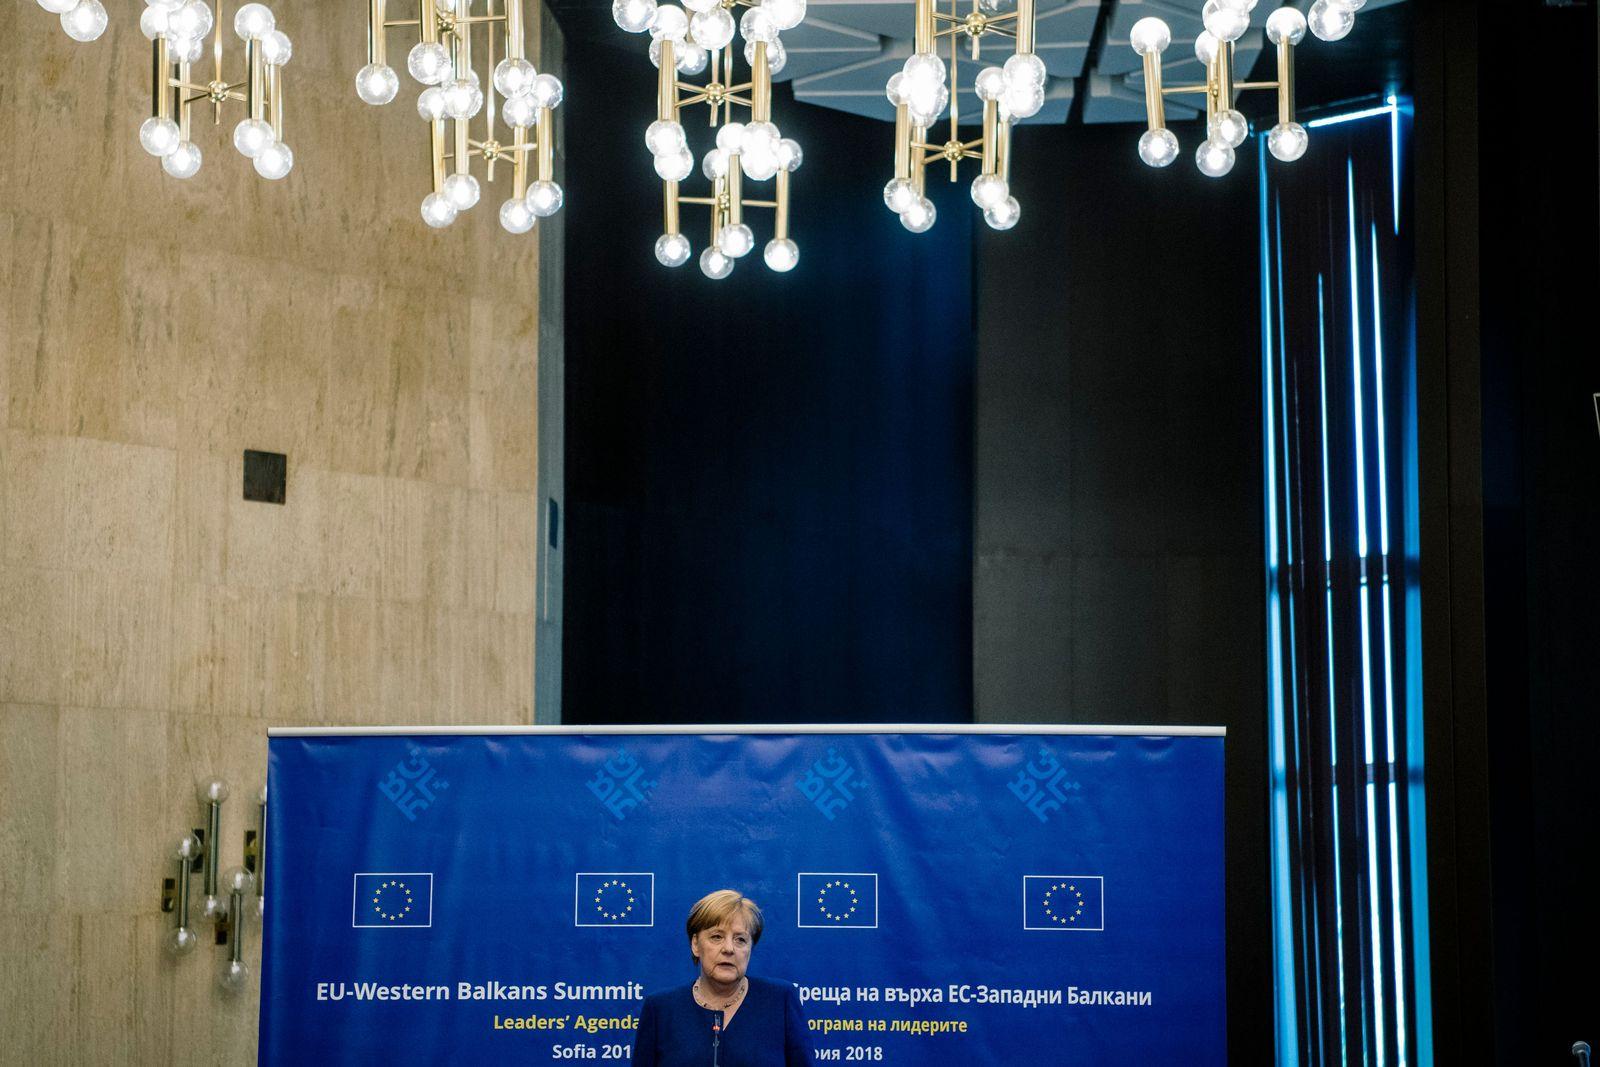 EINMALIGE VERWENDUNG SPIN DER SPIEGEL 21/2018 S. 24 Macron Merkel Trump #2